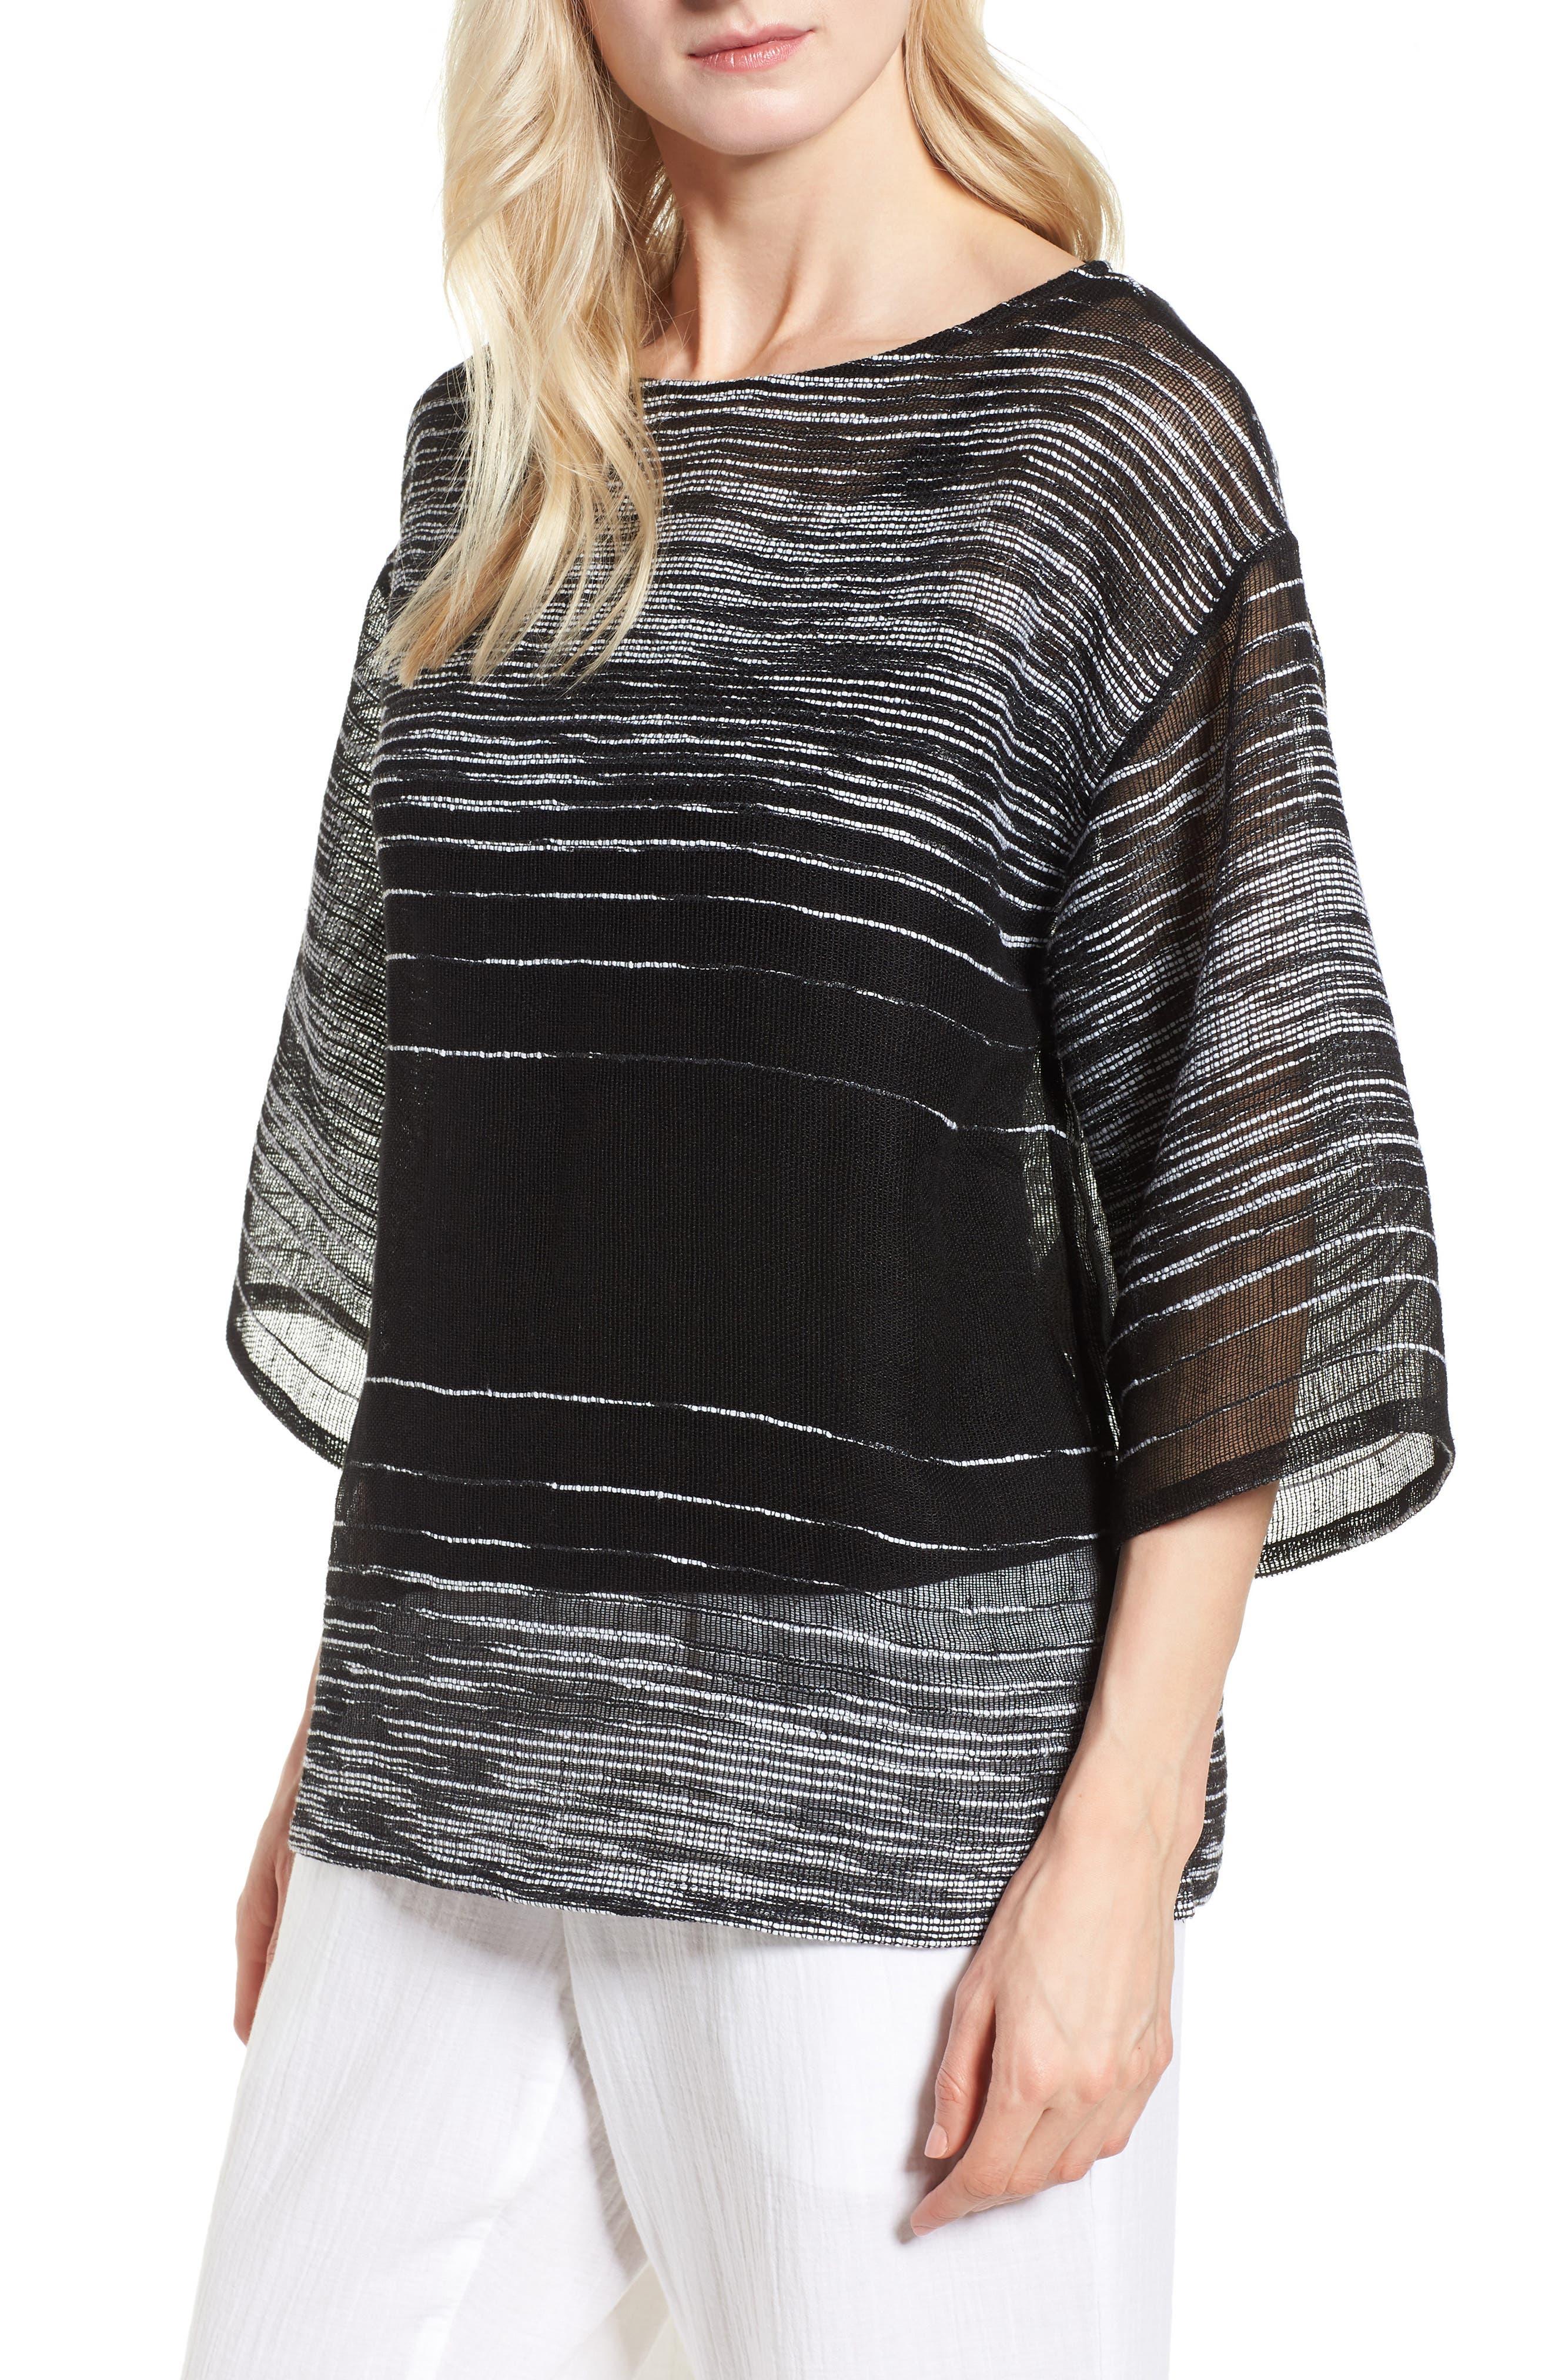 Eileen Fisher Organic Linen Blend Top